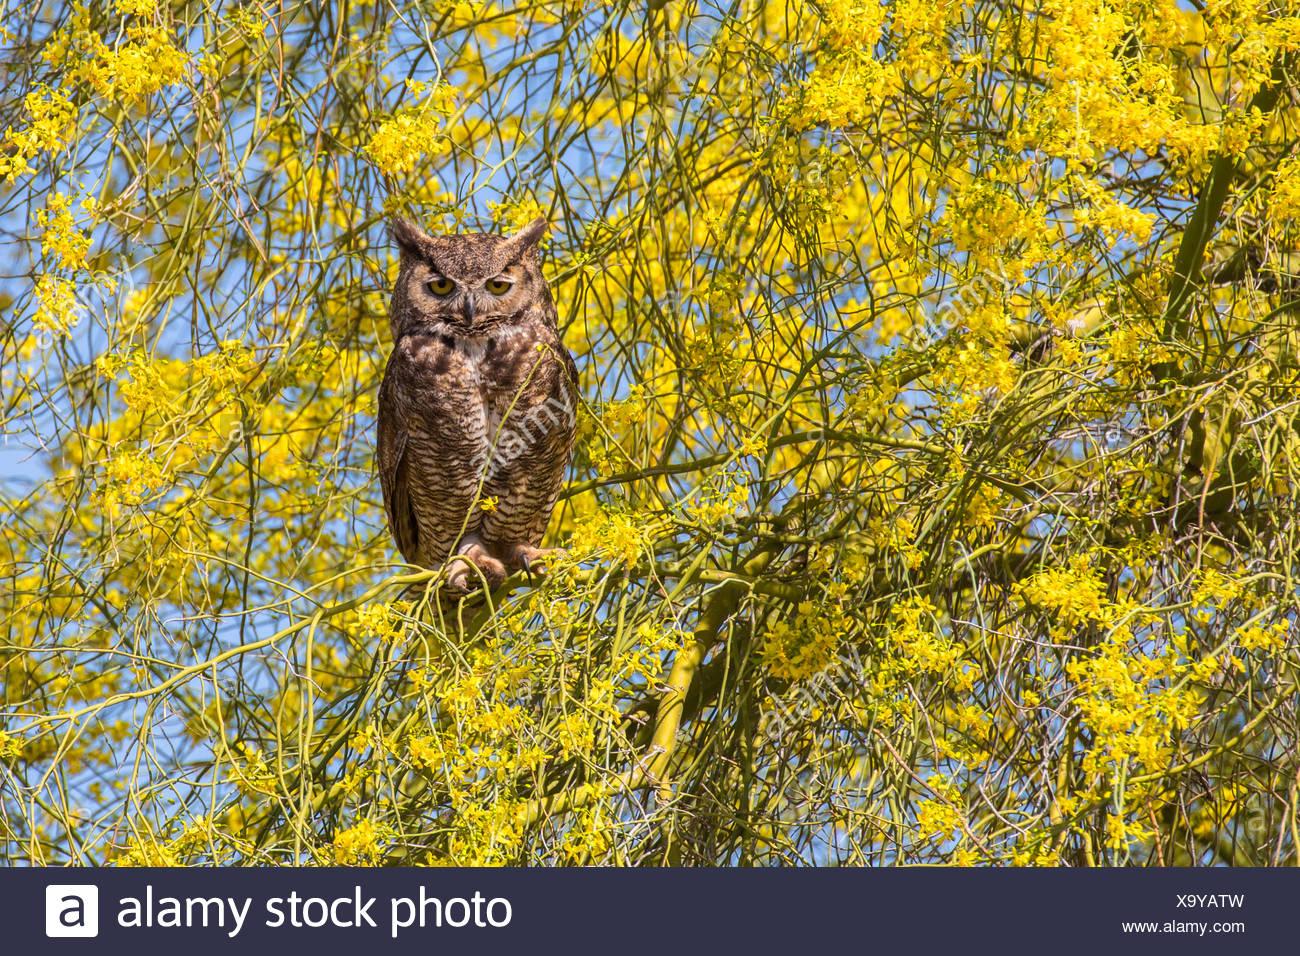 Gran búho cornudo (Bubo virginianus), se sienta en la floración del árbol de Palo Verde, Phoenix, Arizona, EE.UU. Imagen De Stock